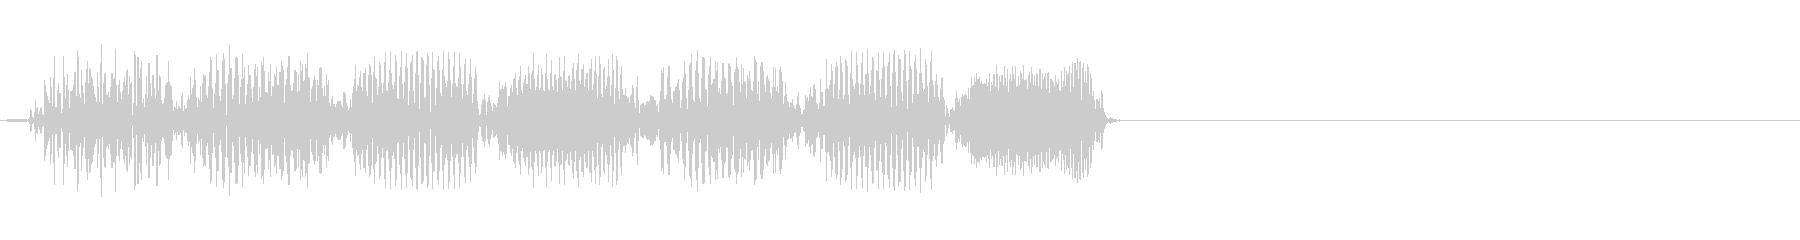 不思議 上昇 電子音の未再生の波形